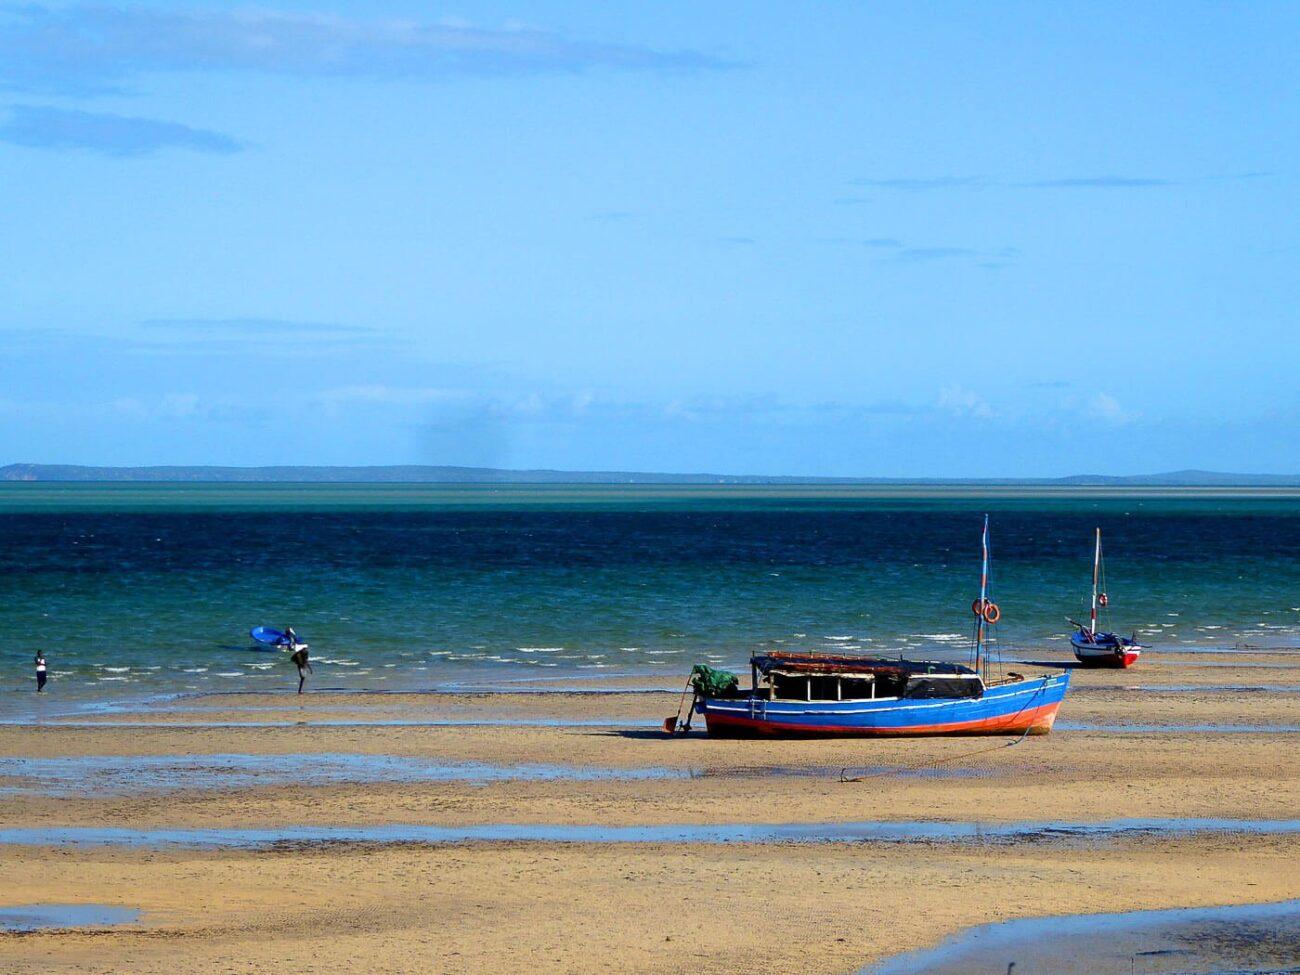 Viagem para Moçambique - Praia com barco na areia